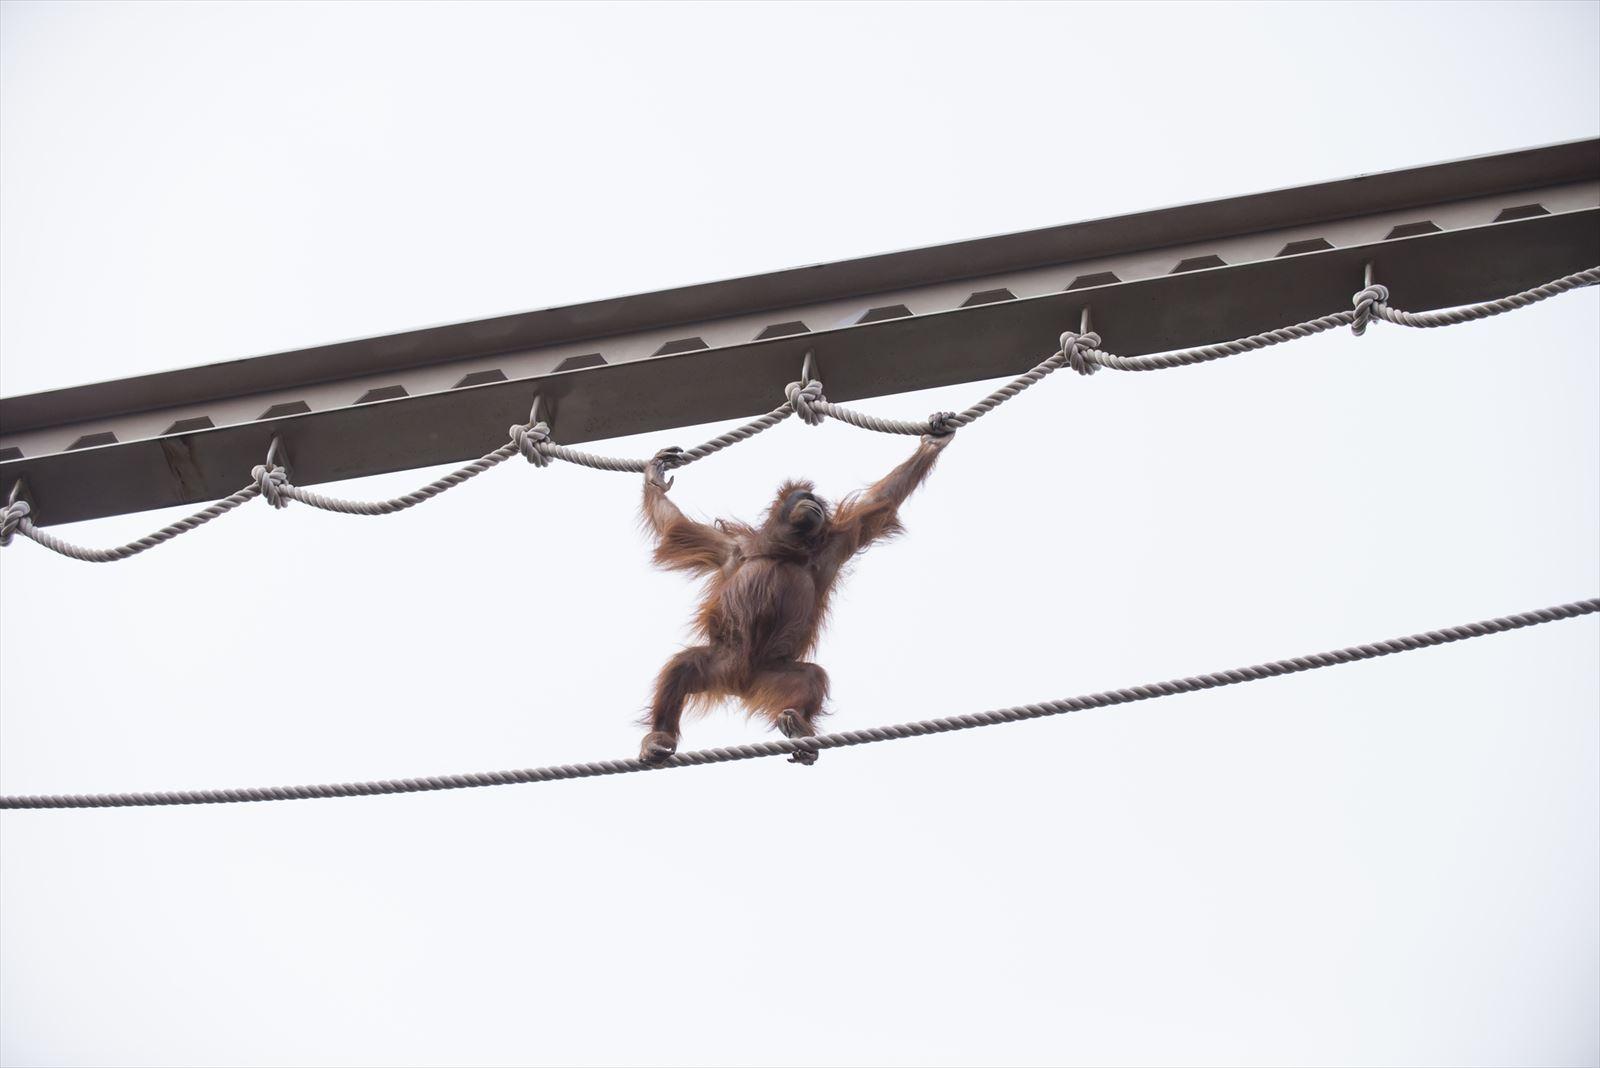 旭山動物園のオランウータン